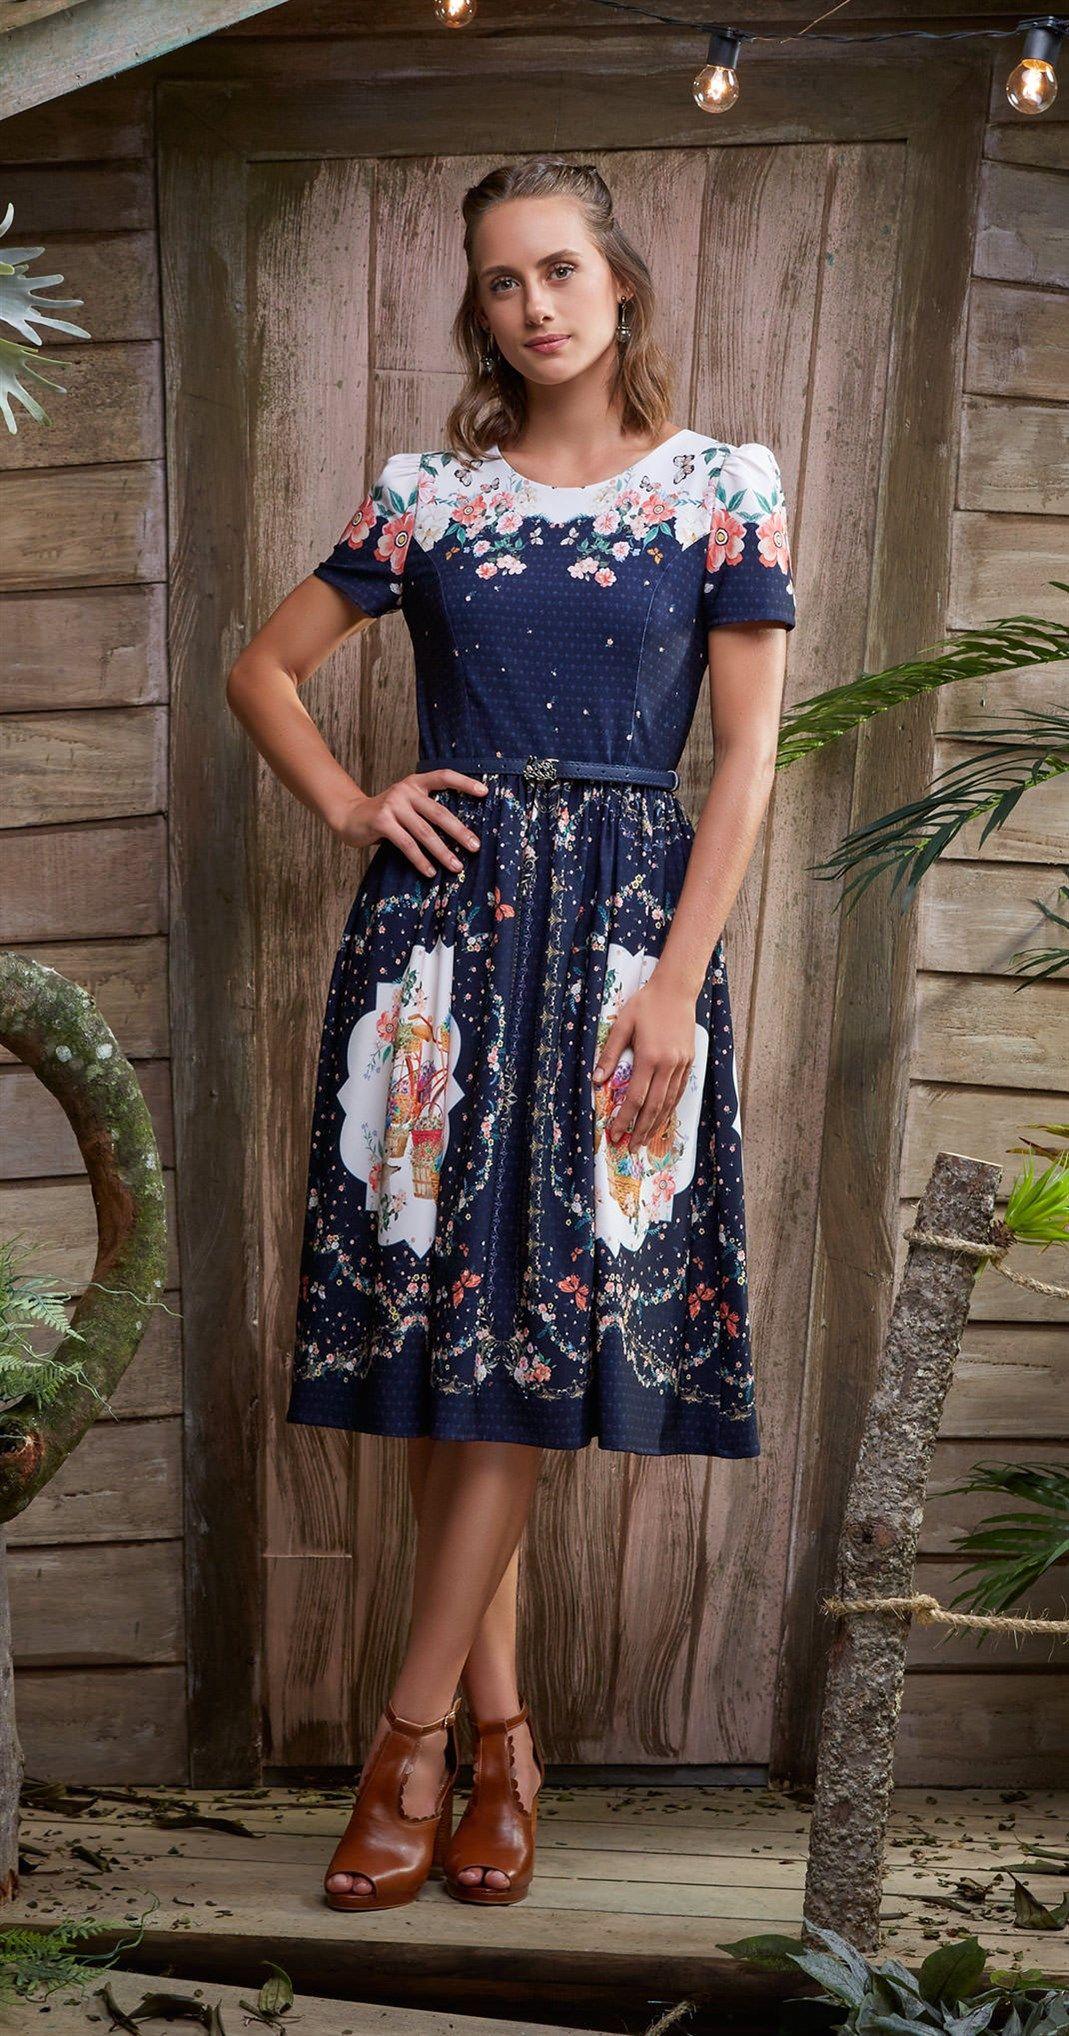 3af0b1153 Só na Antix Store você encontra Vestido Midi Barrado de Flores com  exclusividade na internet